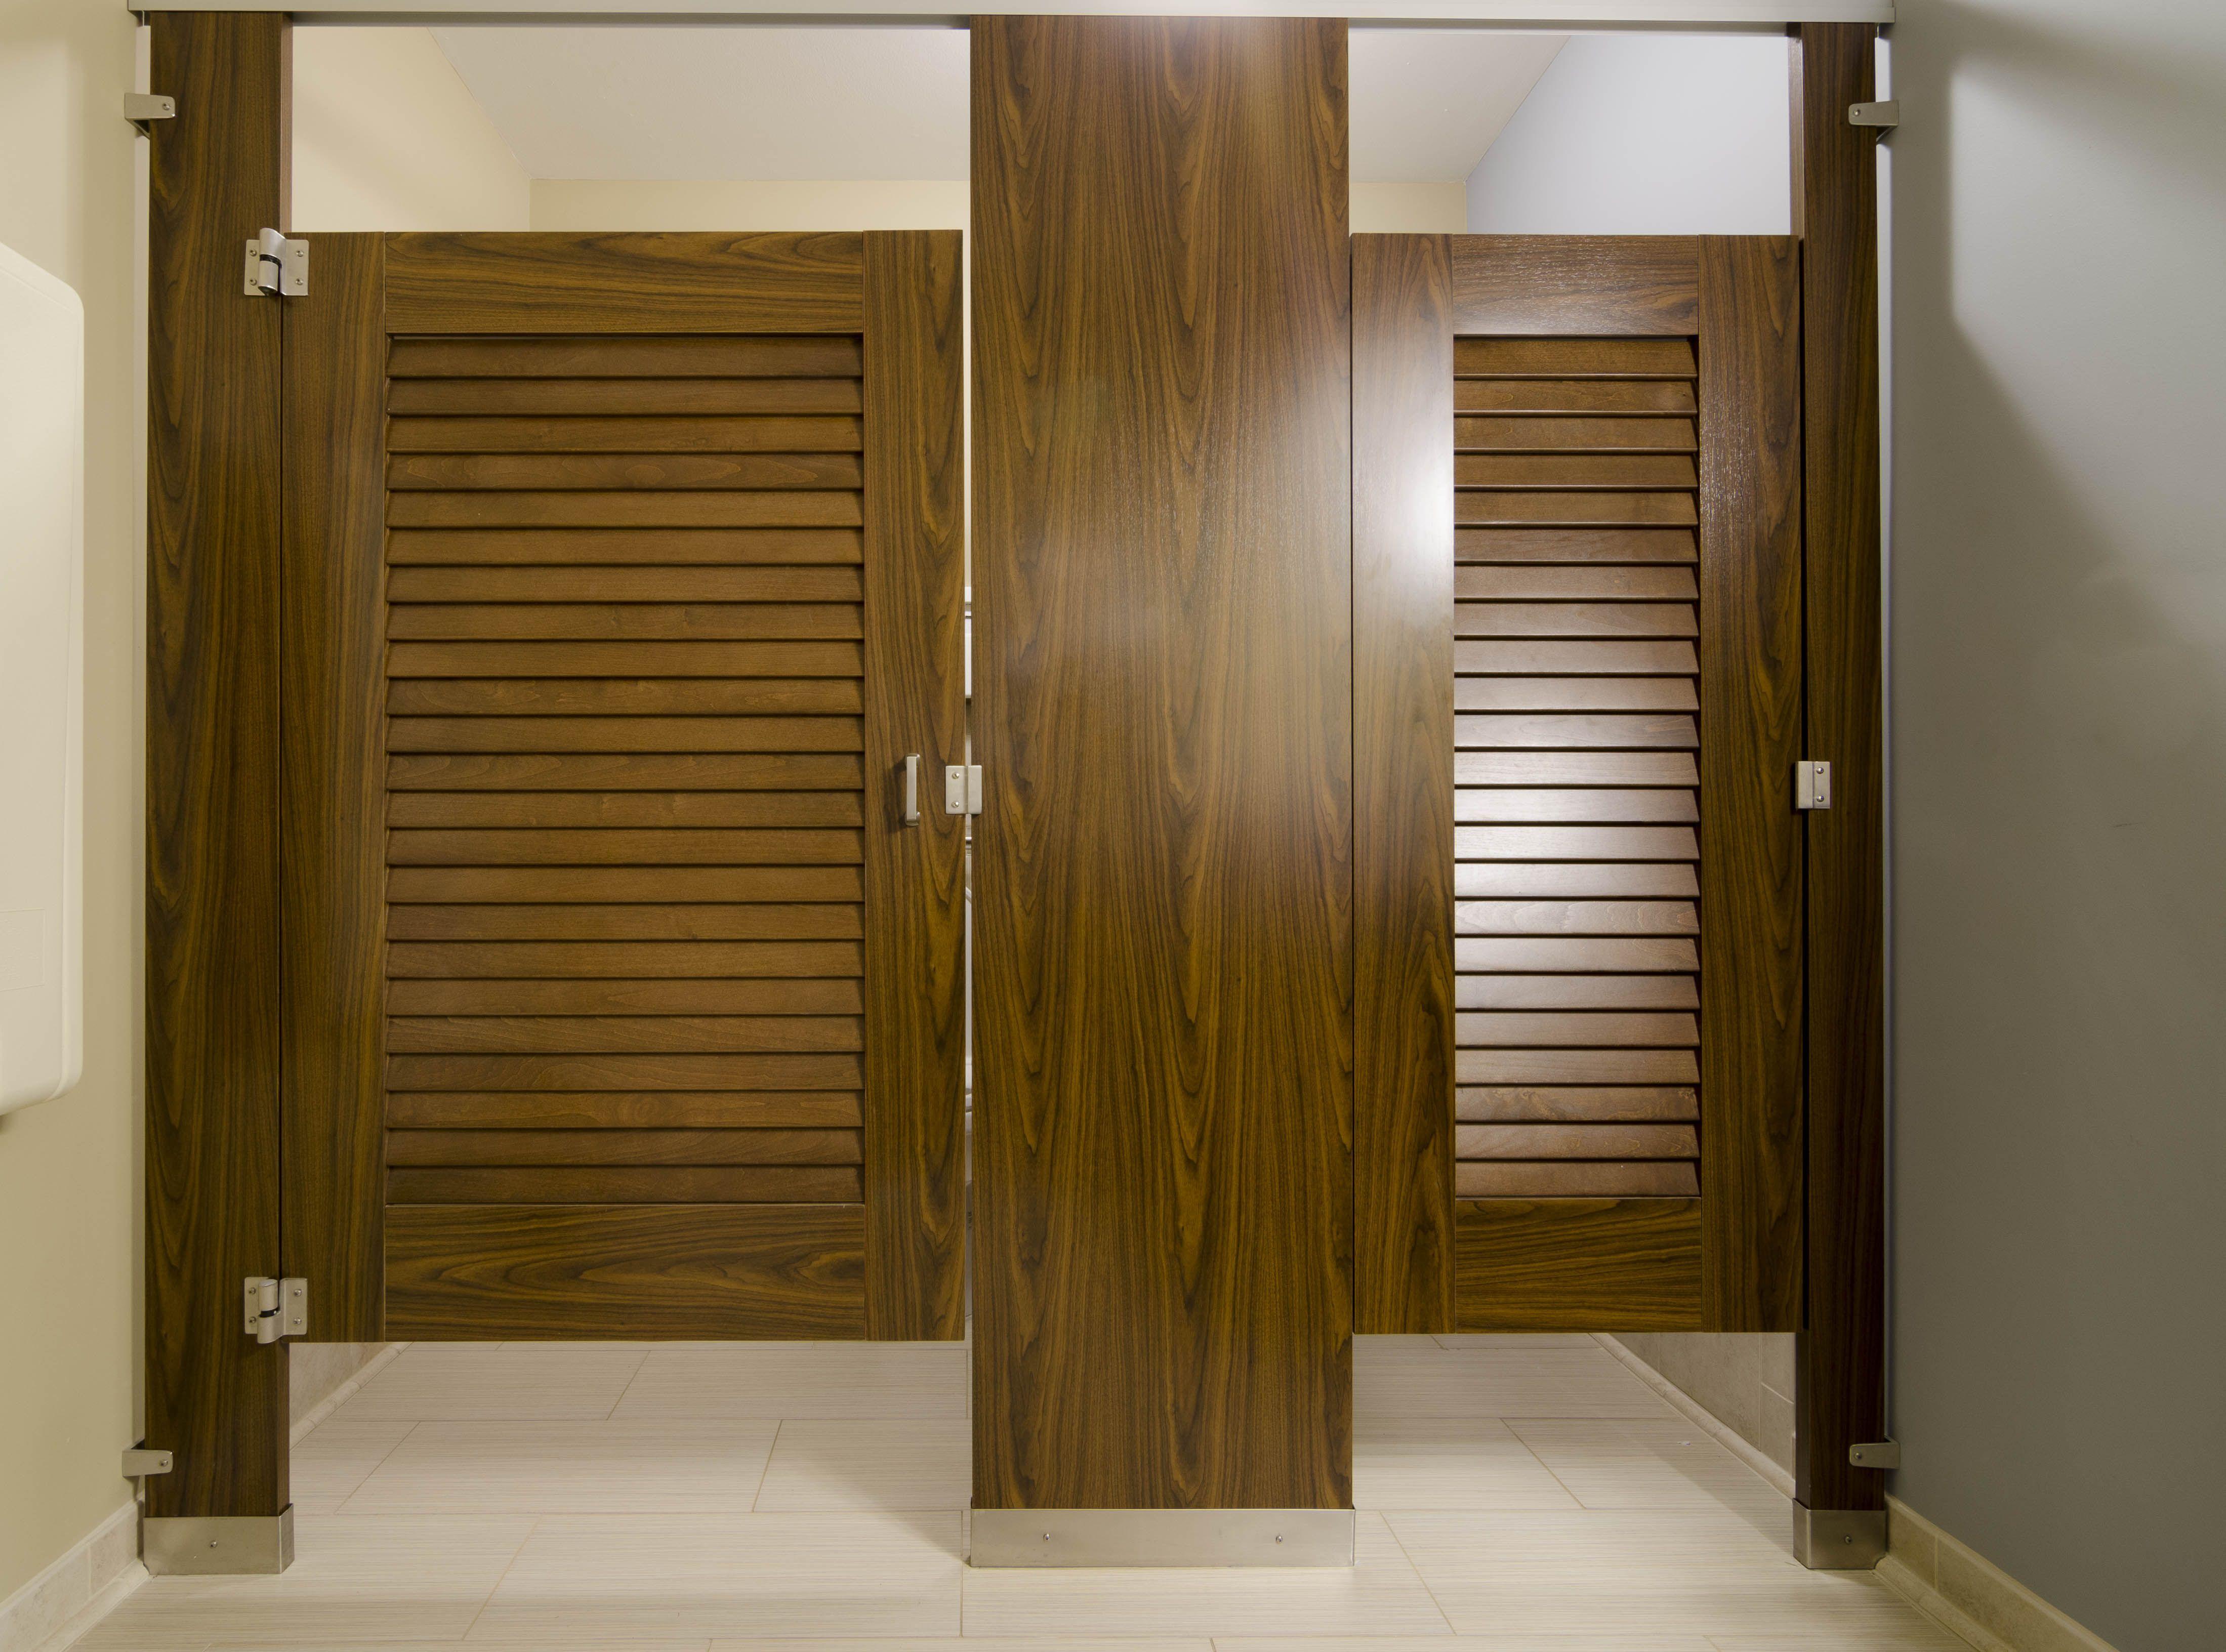 bathroom img diy sliding barn doors eddy dave door bedroom and closed